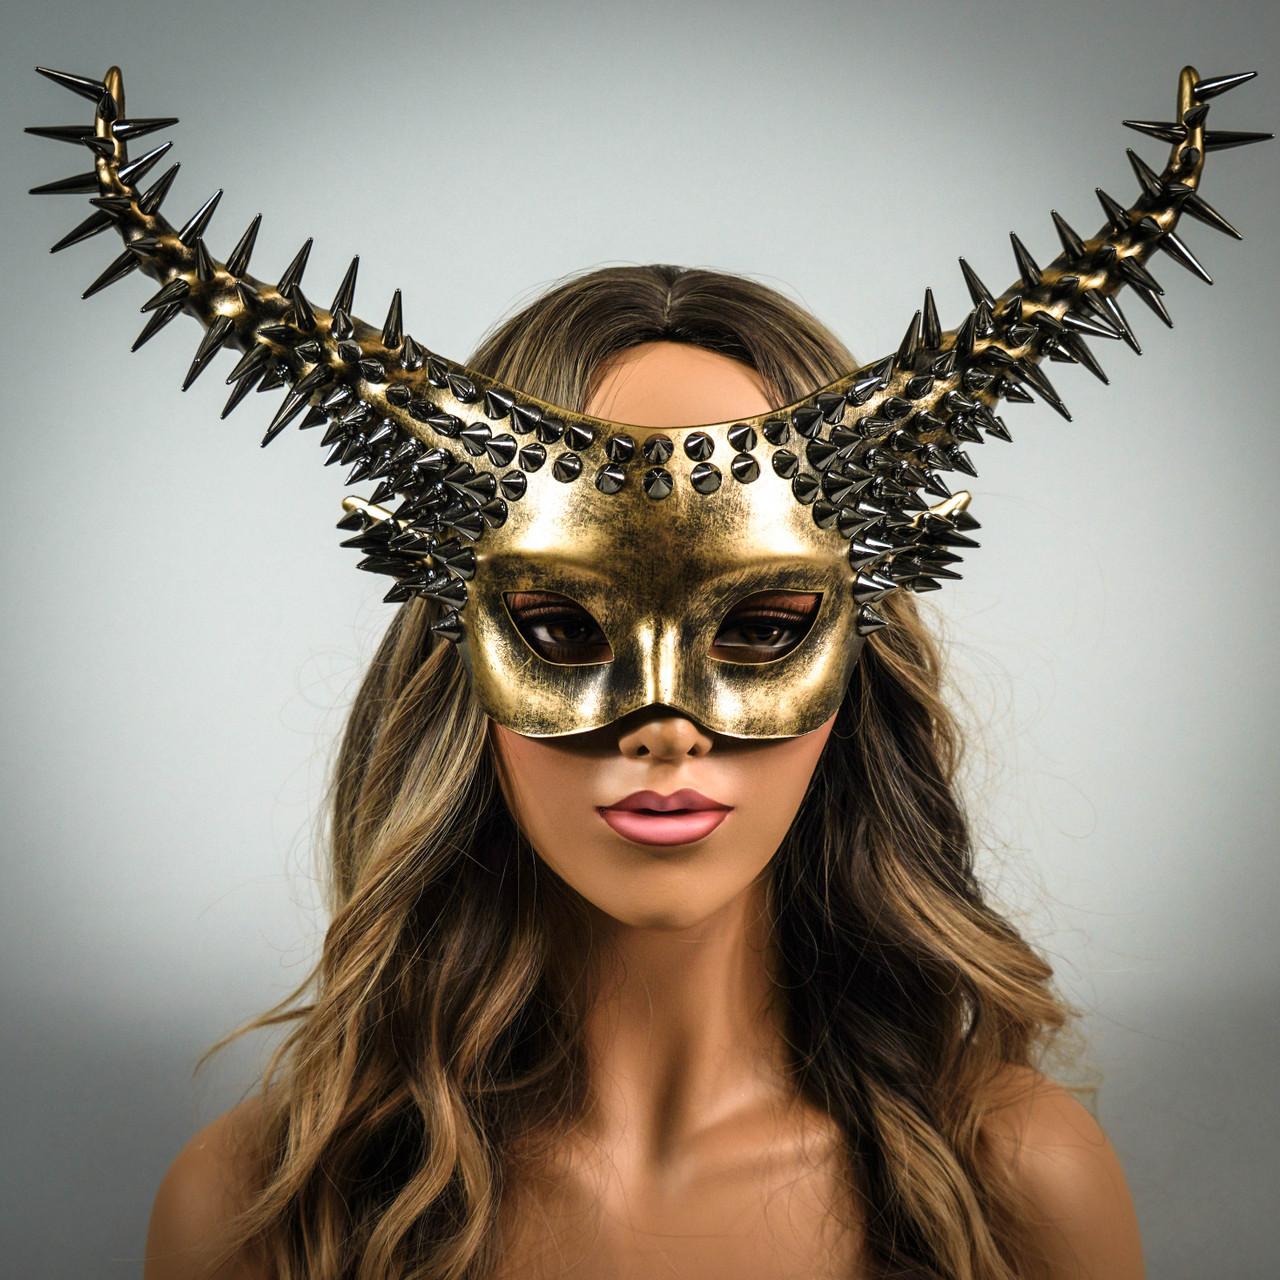 Halloween Mask Devil Mask Black Gem Black Red Masquerade Mask Whimsical Masquerade Masks Masquerade Masks Masquerade Mask Ram Mask